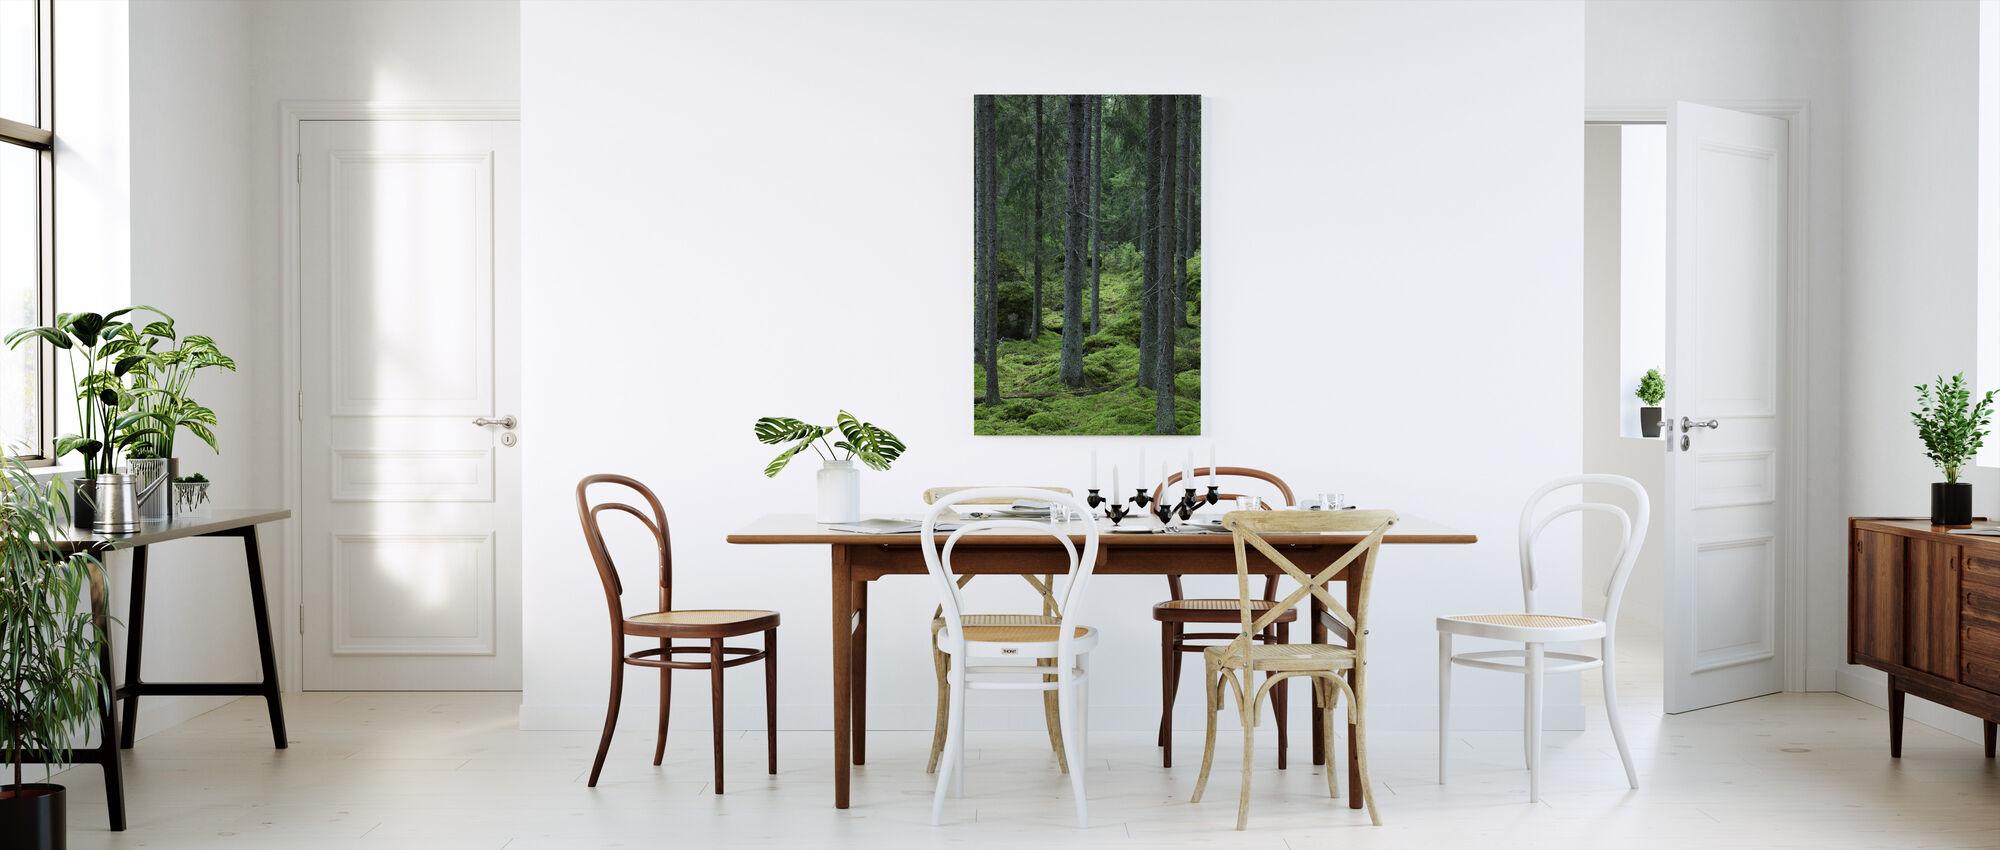 Metsän polku - Canvastaulu - Keittiö